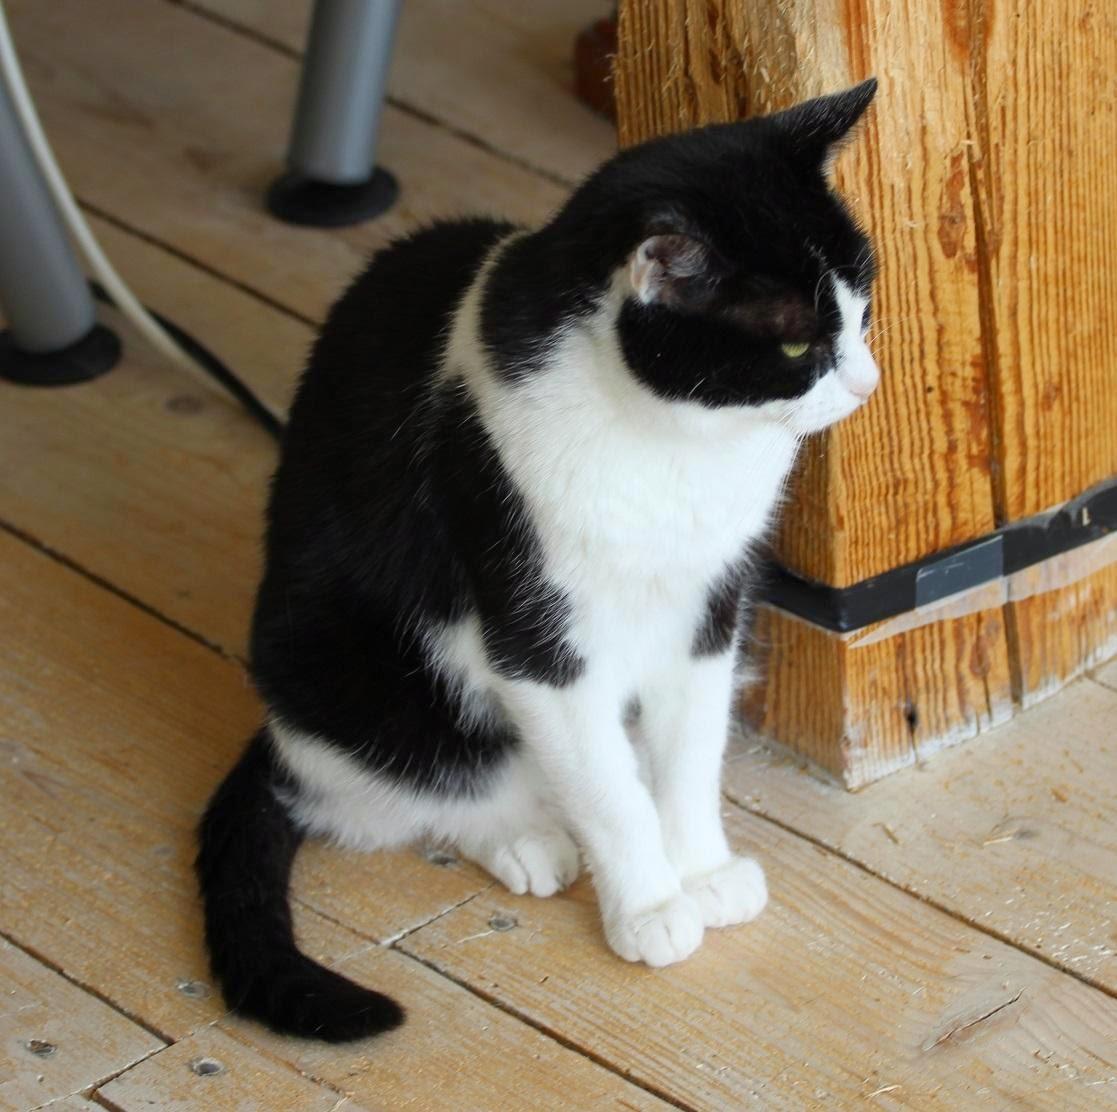 vit katt svart katt